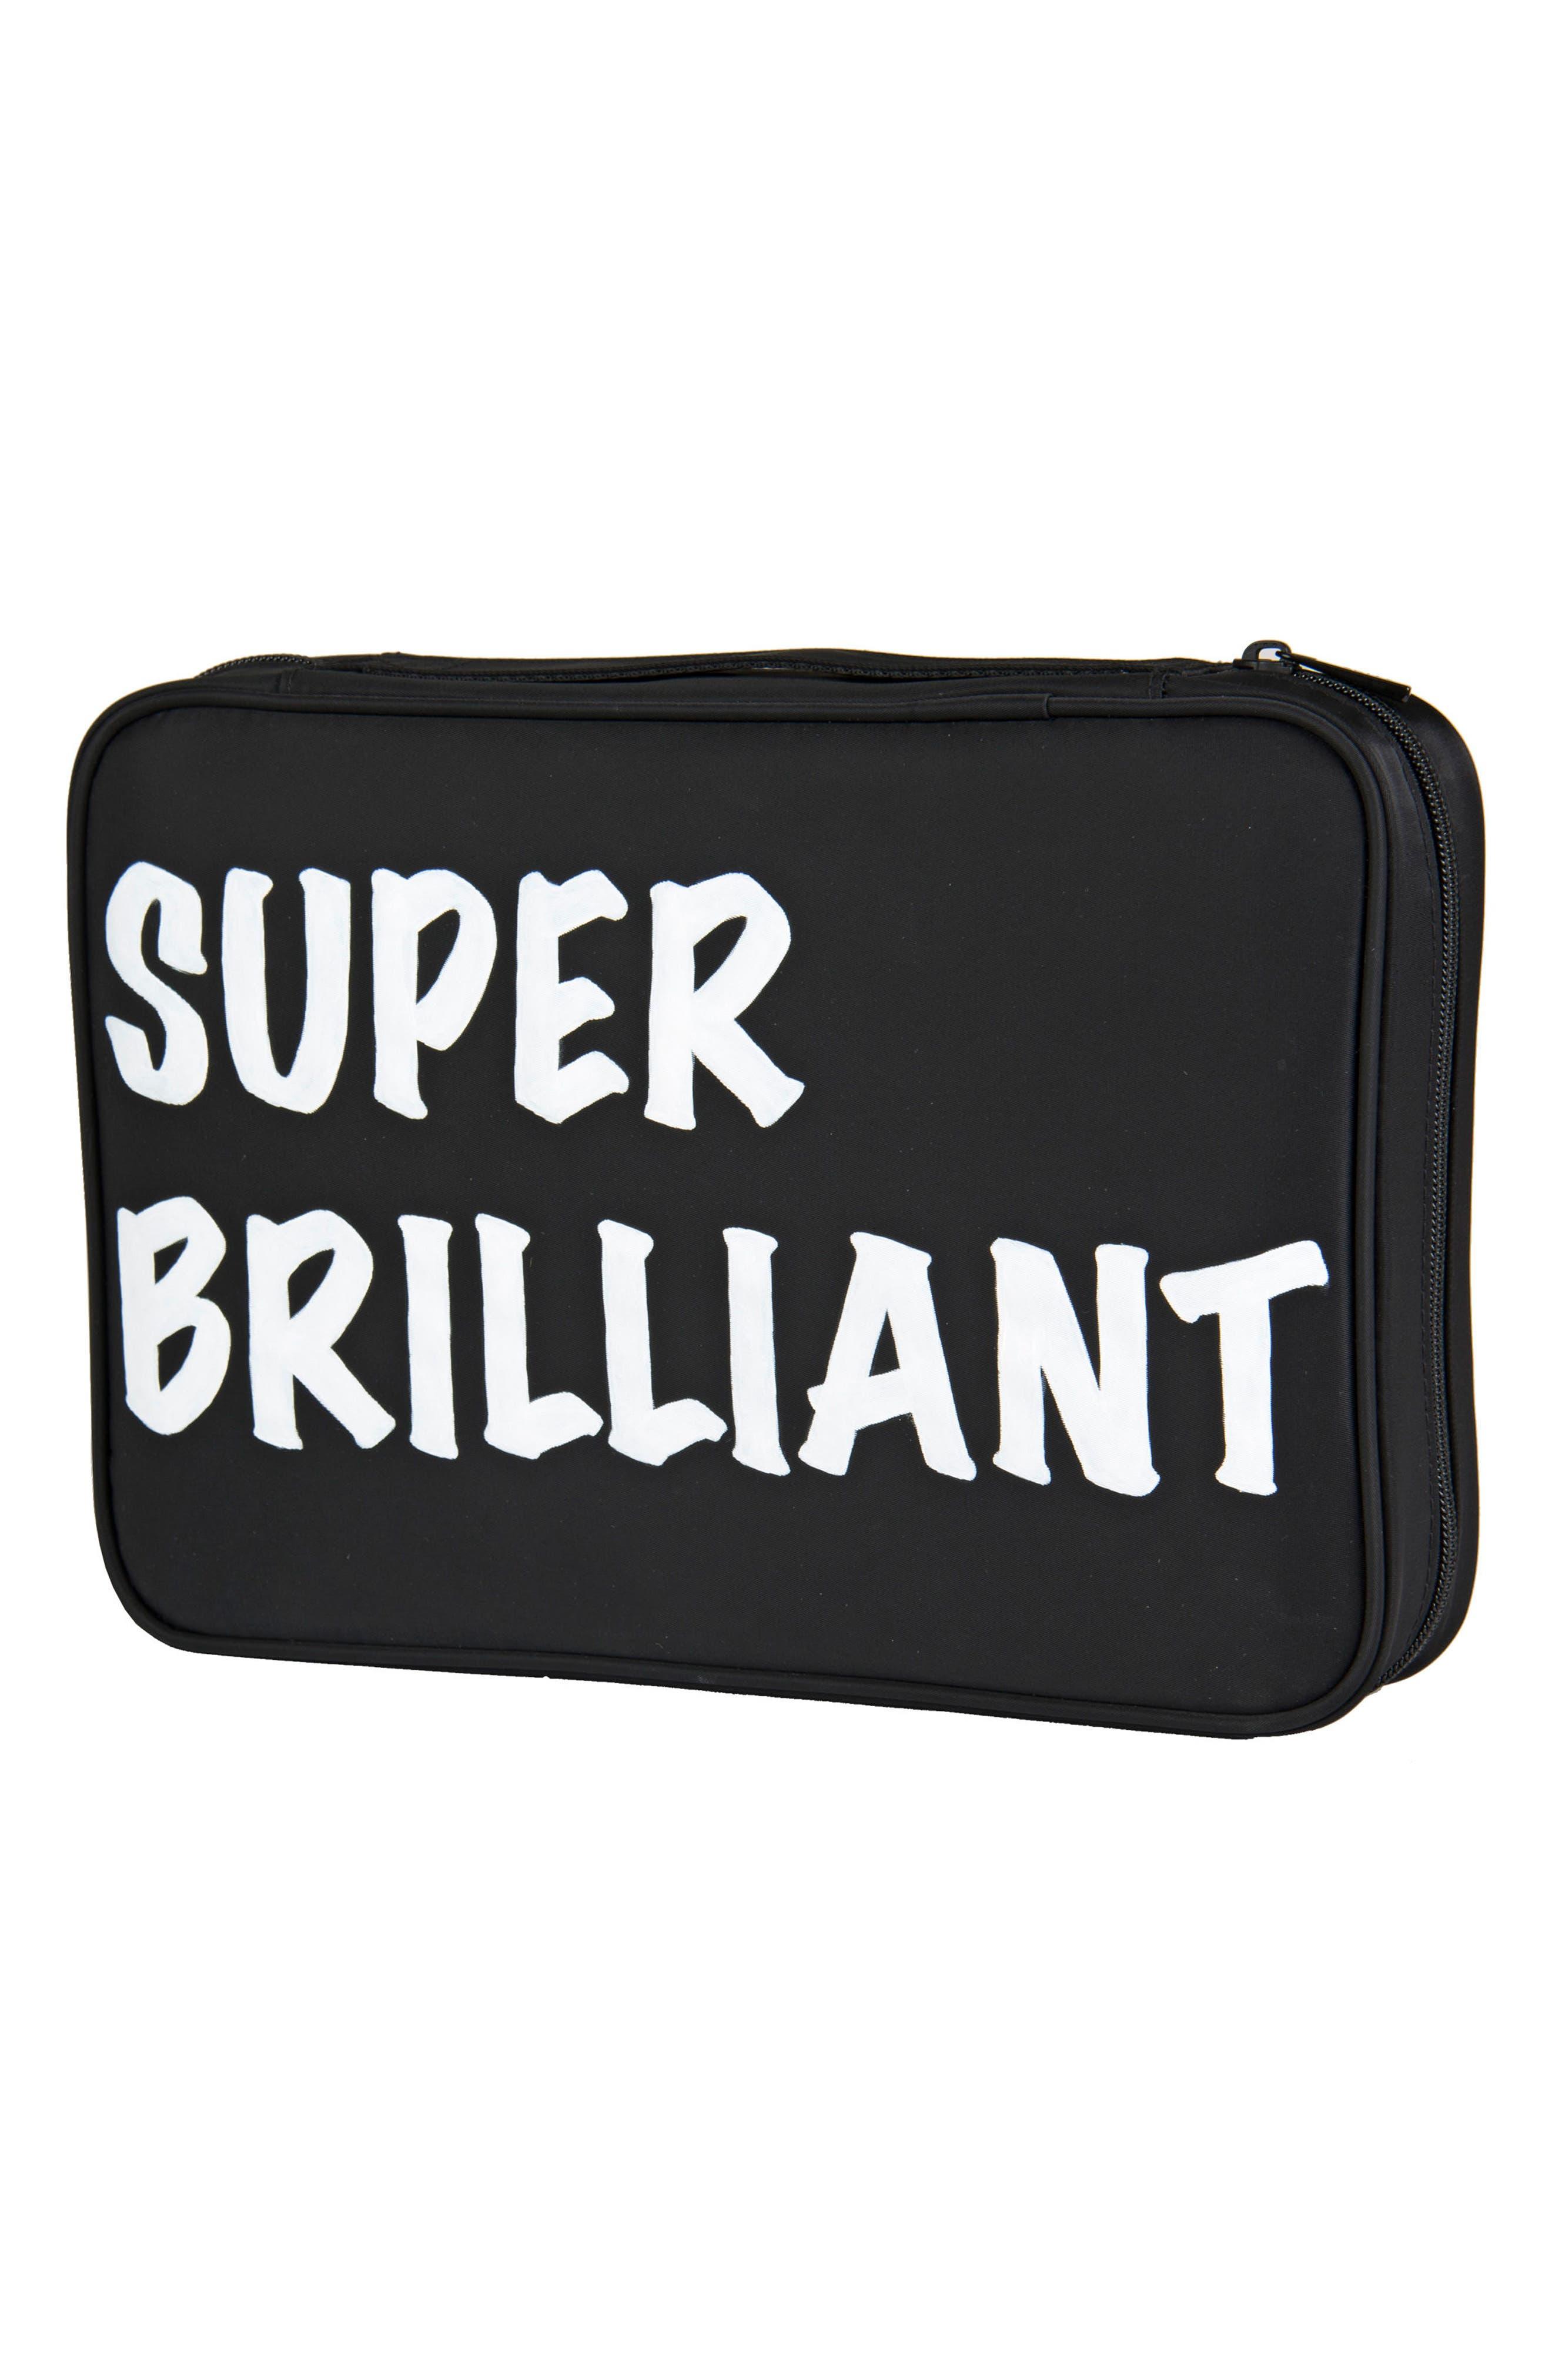 SKITS Oxford Super Brilliant Nylon Tech Case